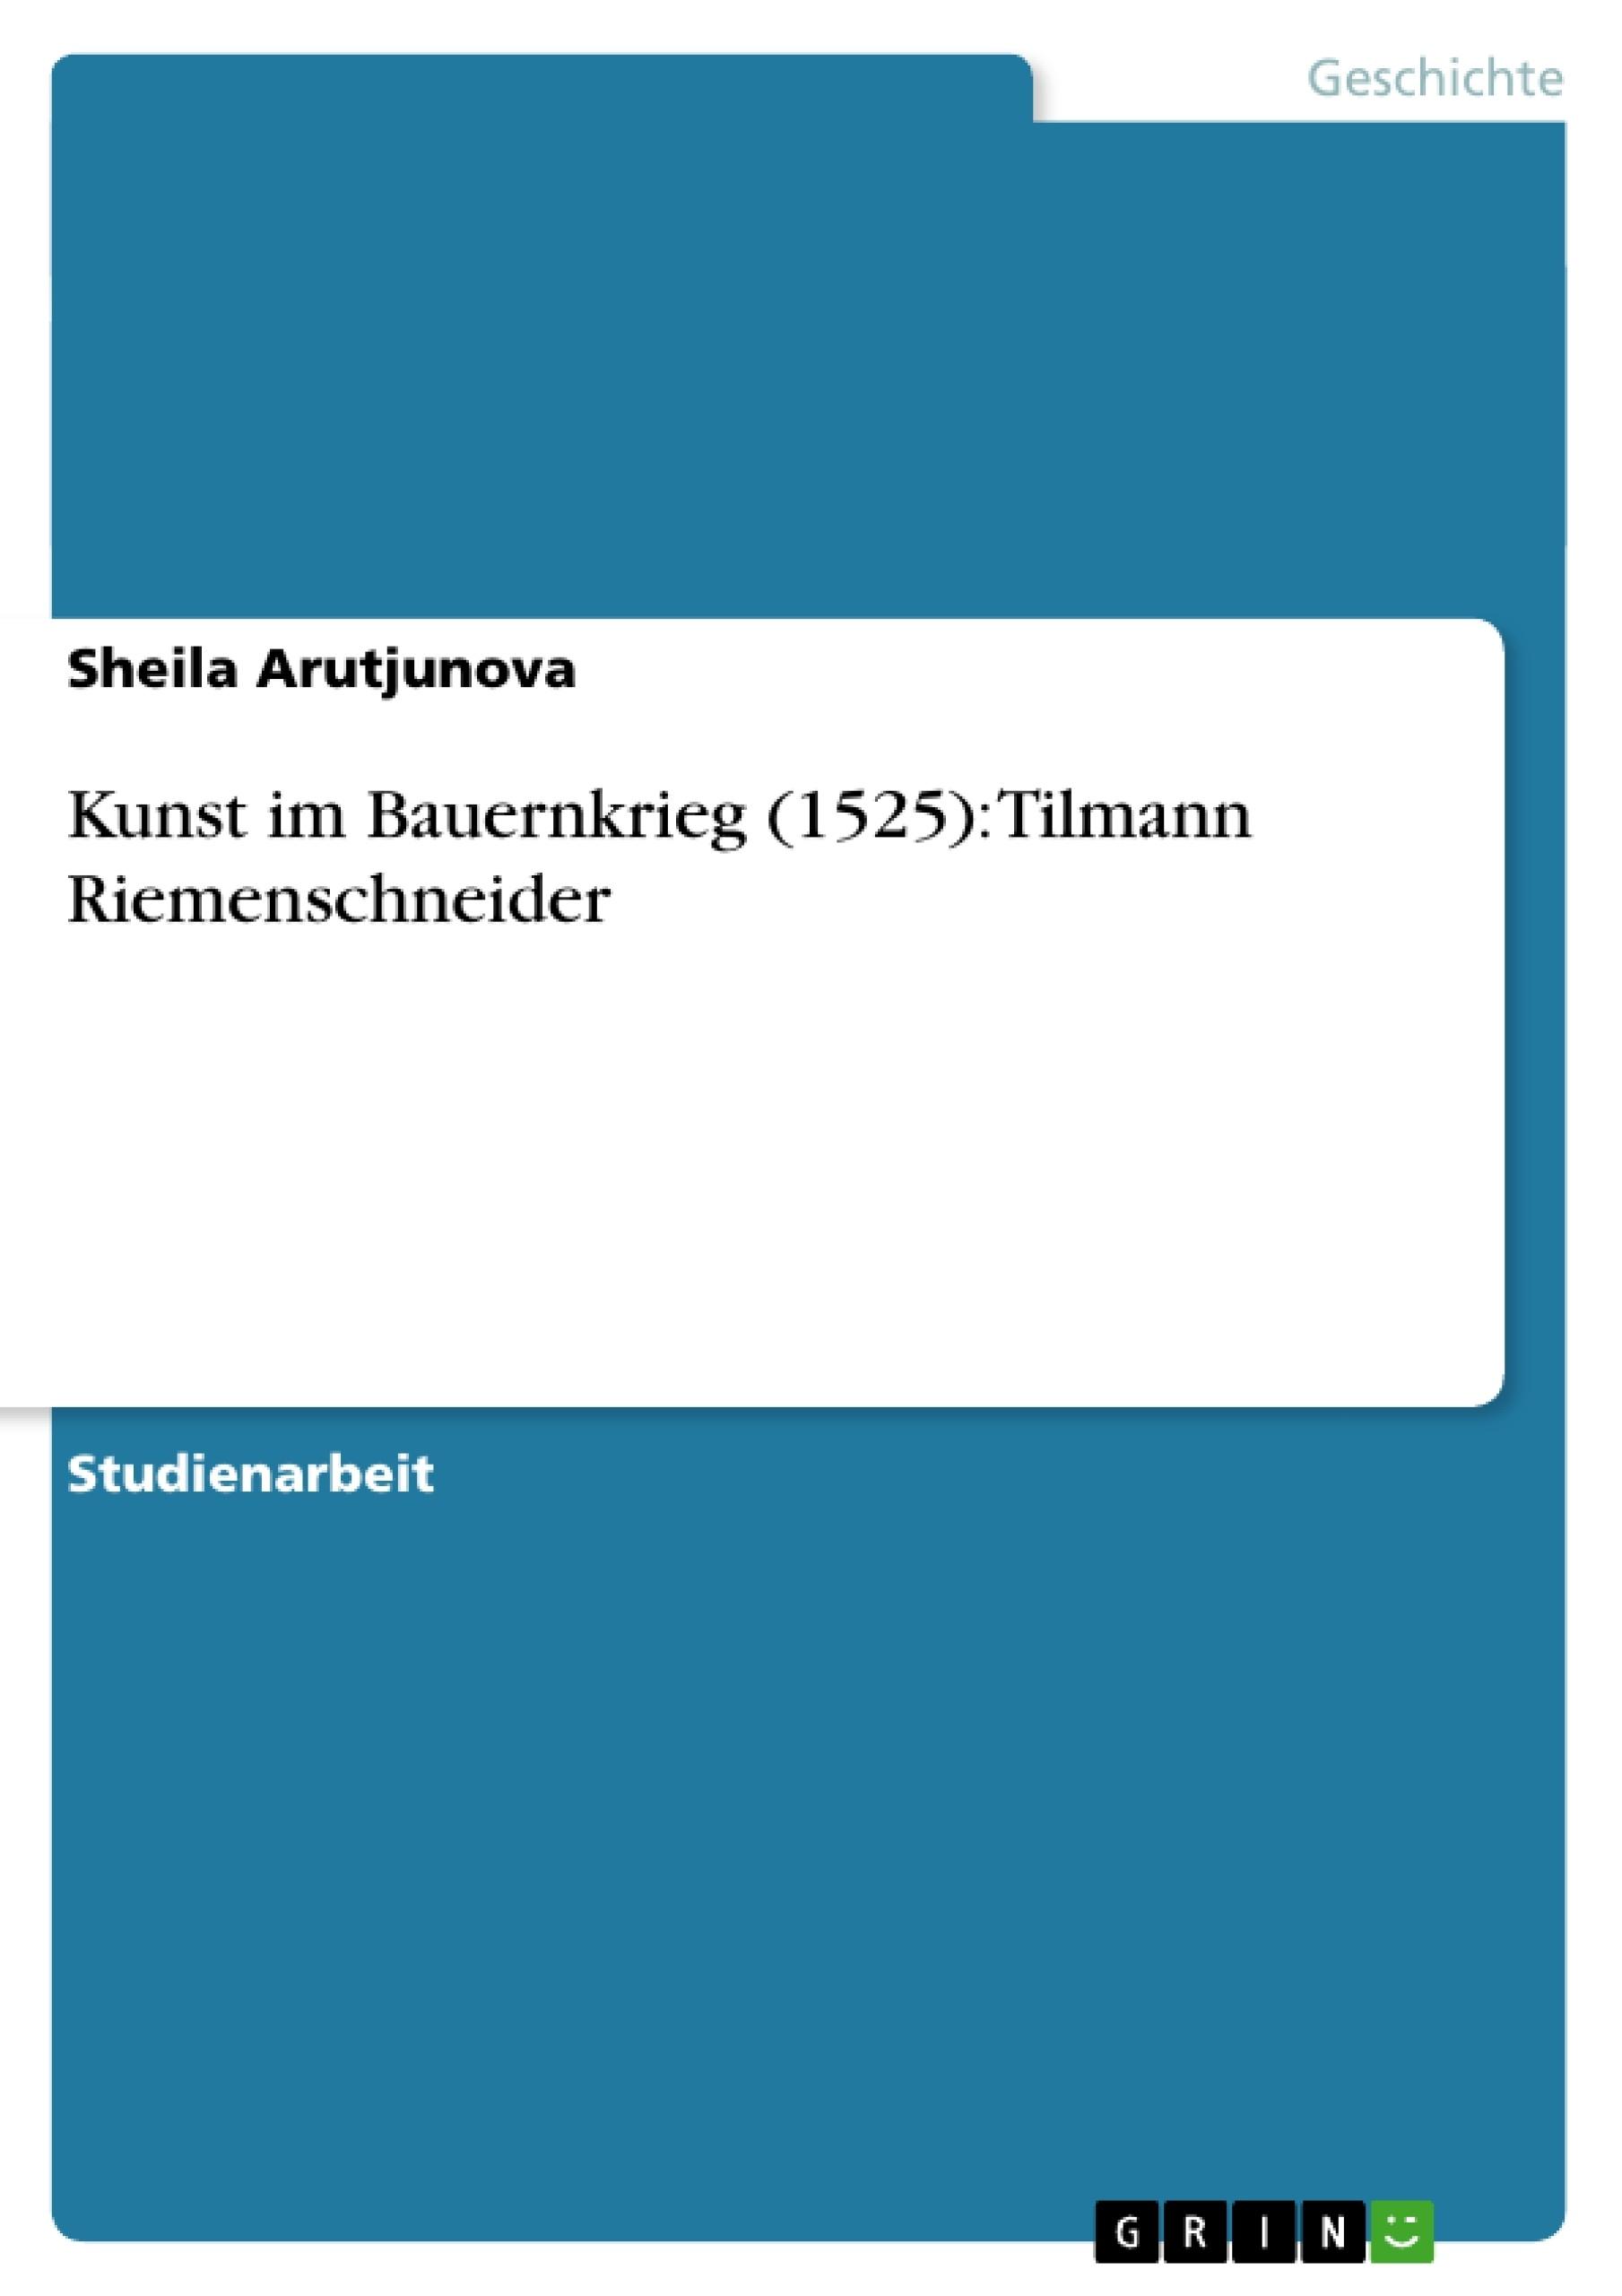 Titel: Kunst im Bauernkrieg (1525): Tilmann Riemenschneider